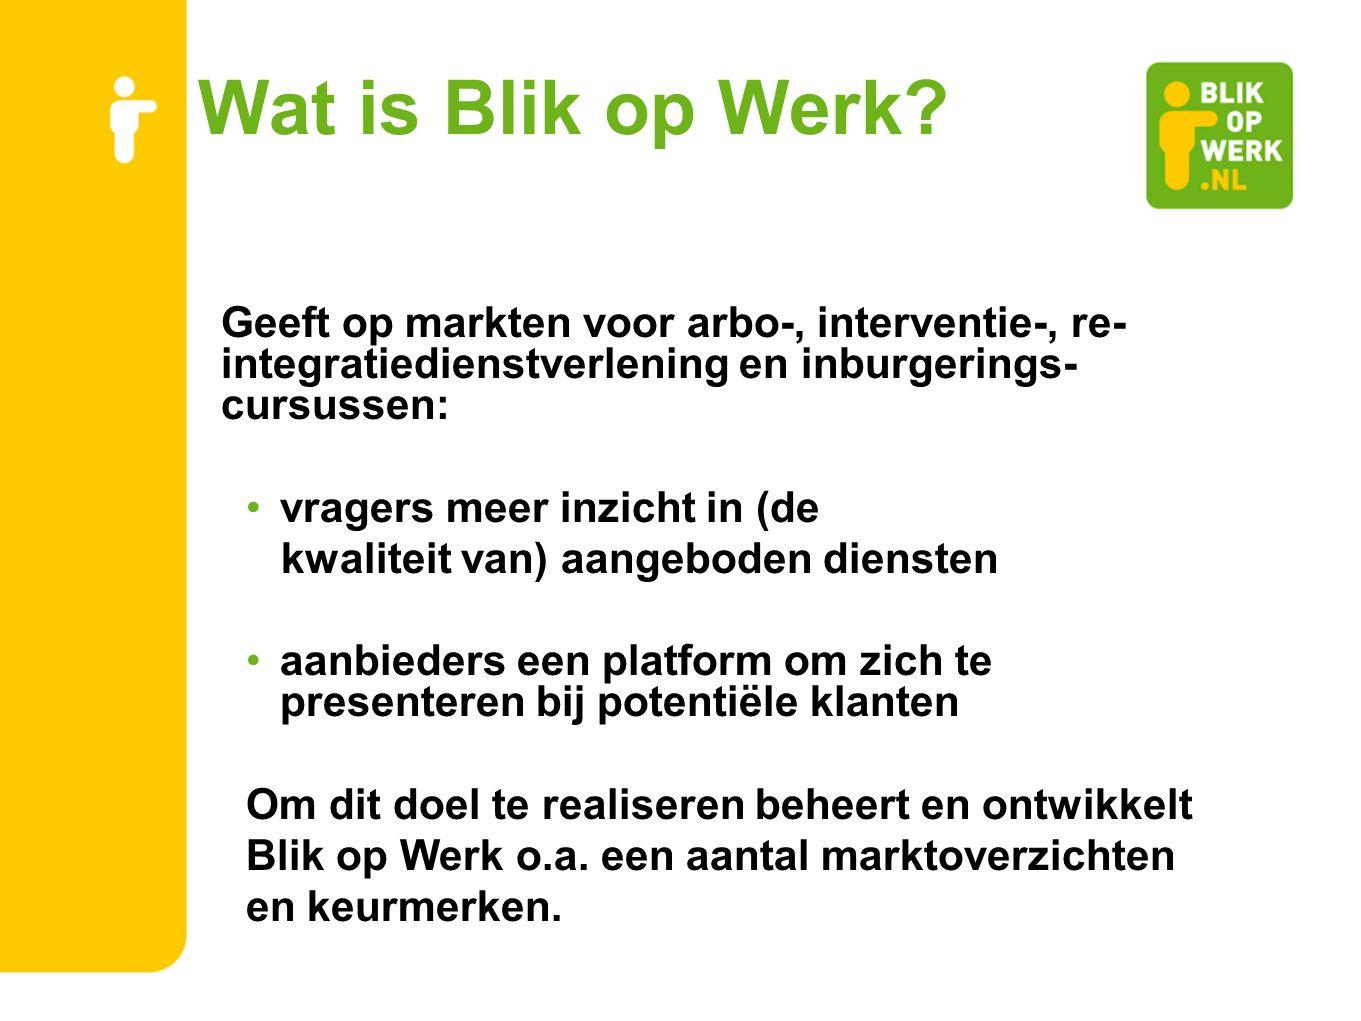 Wat is Blik op Werk Geeft op markten voor arbo-, interventie-, re-integratiedienstverlening en inburgerings-cursussen: